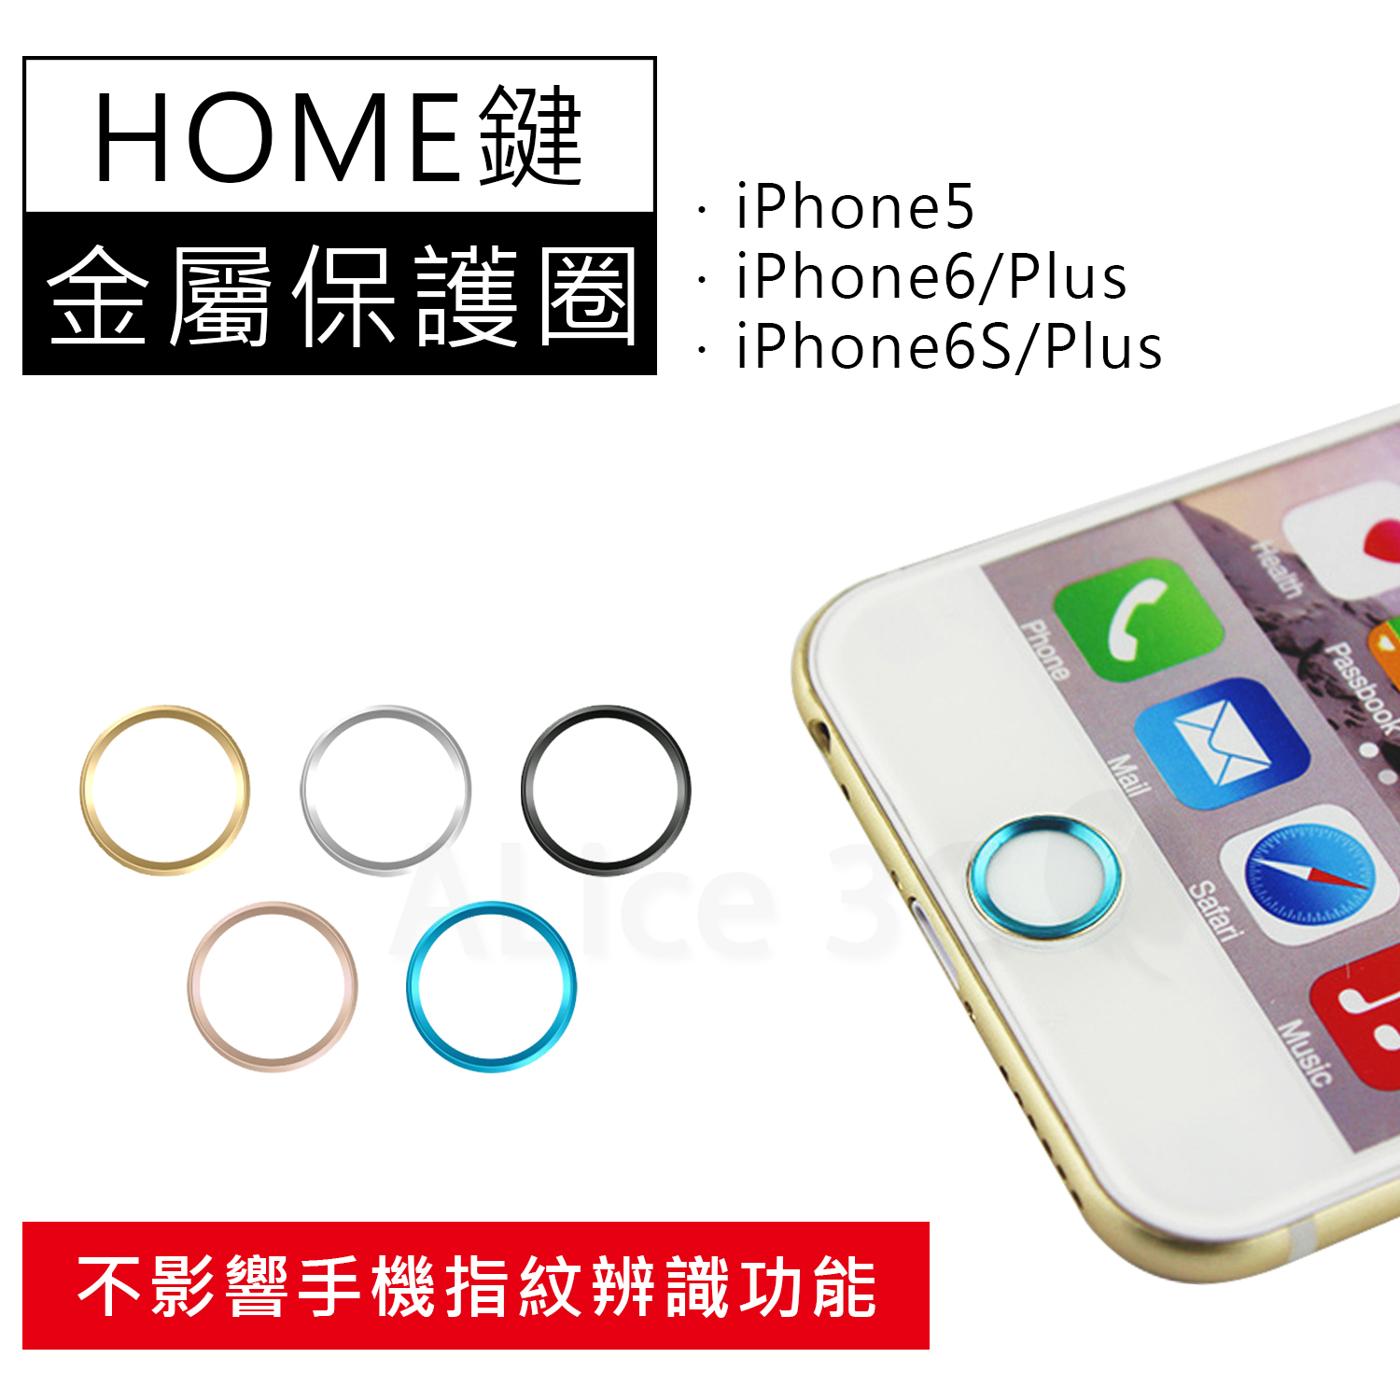 iPhone 6s iPad皆可Home鍵圈A-APL-H10保護圈不影響指紋辨識按鍵貼玫瑰金